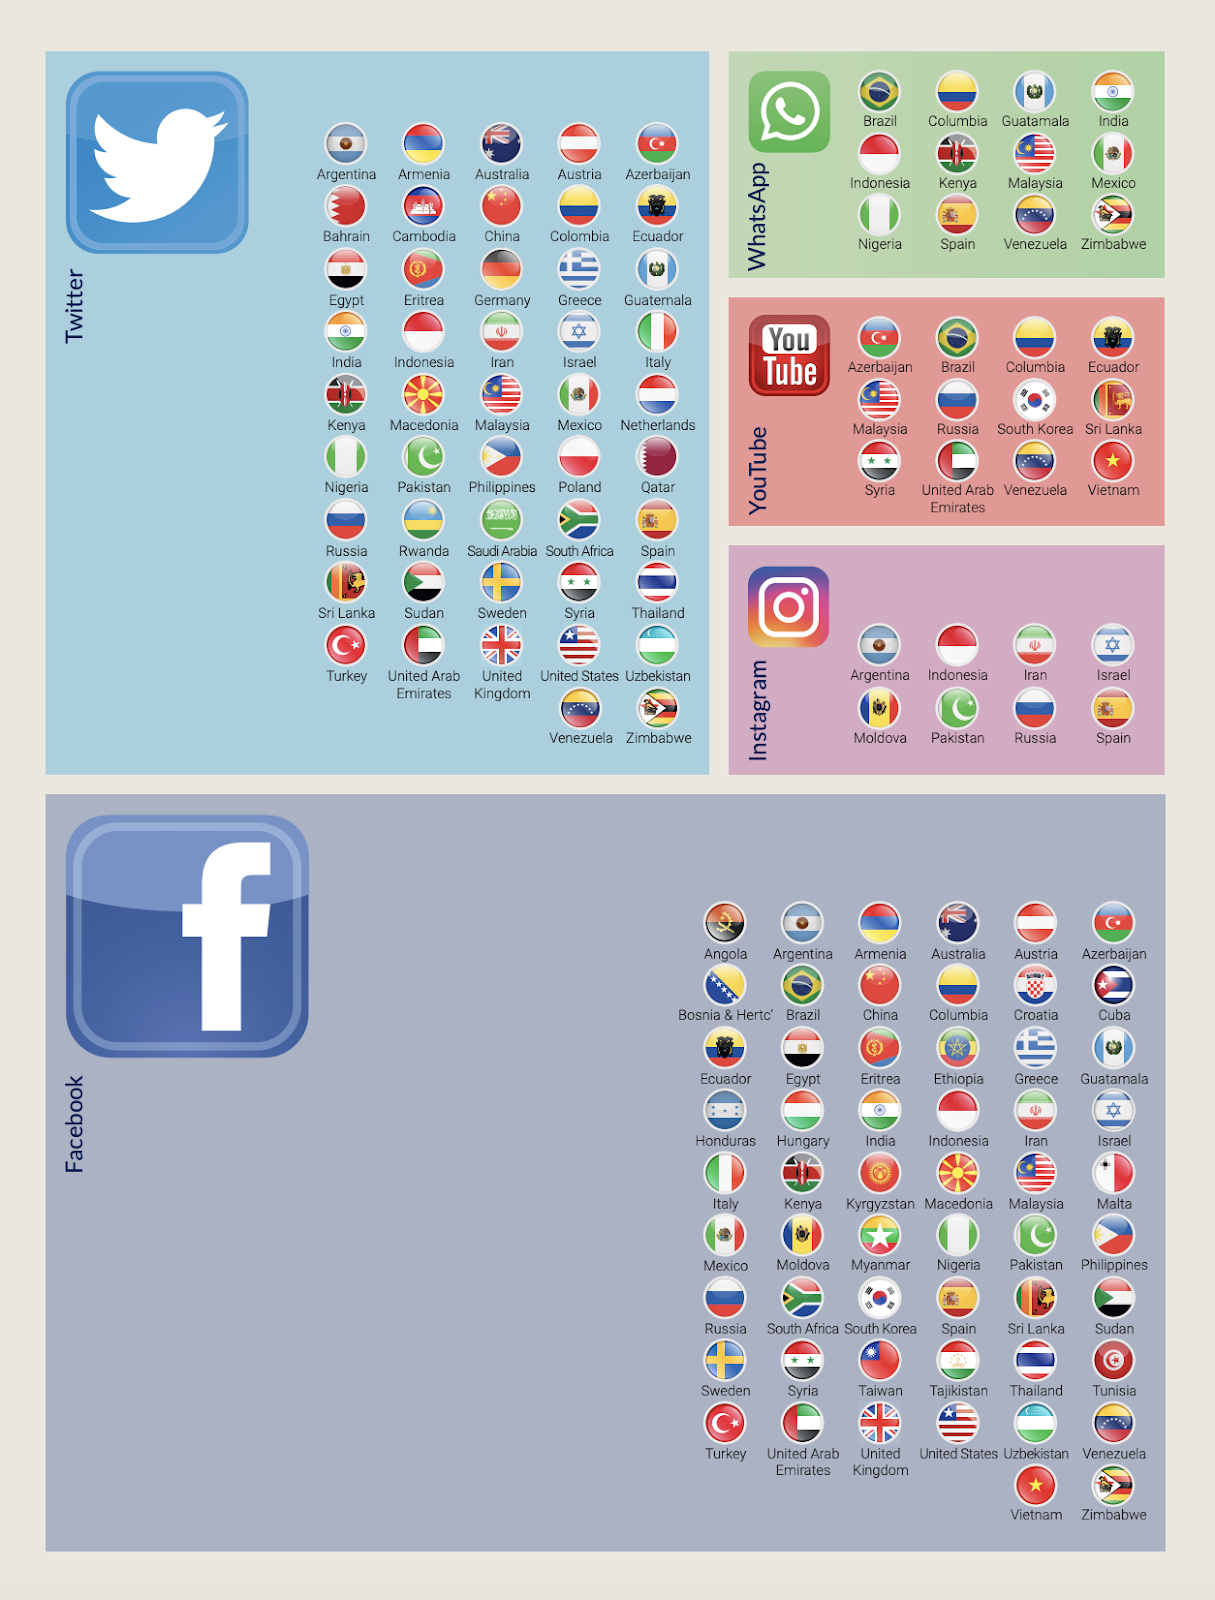 Sosyal Medya Mani̇pülasyonlarında Öne Çıkan Platformlar